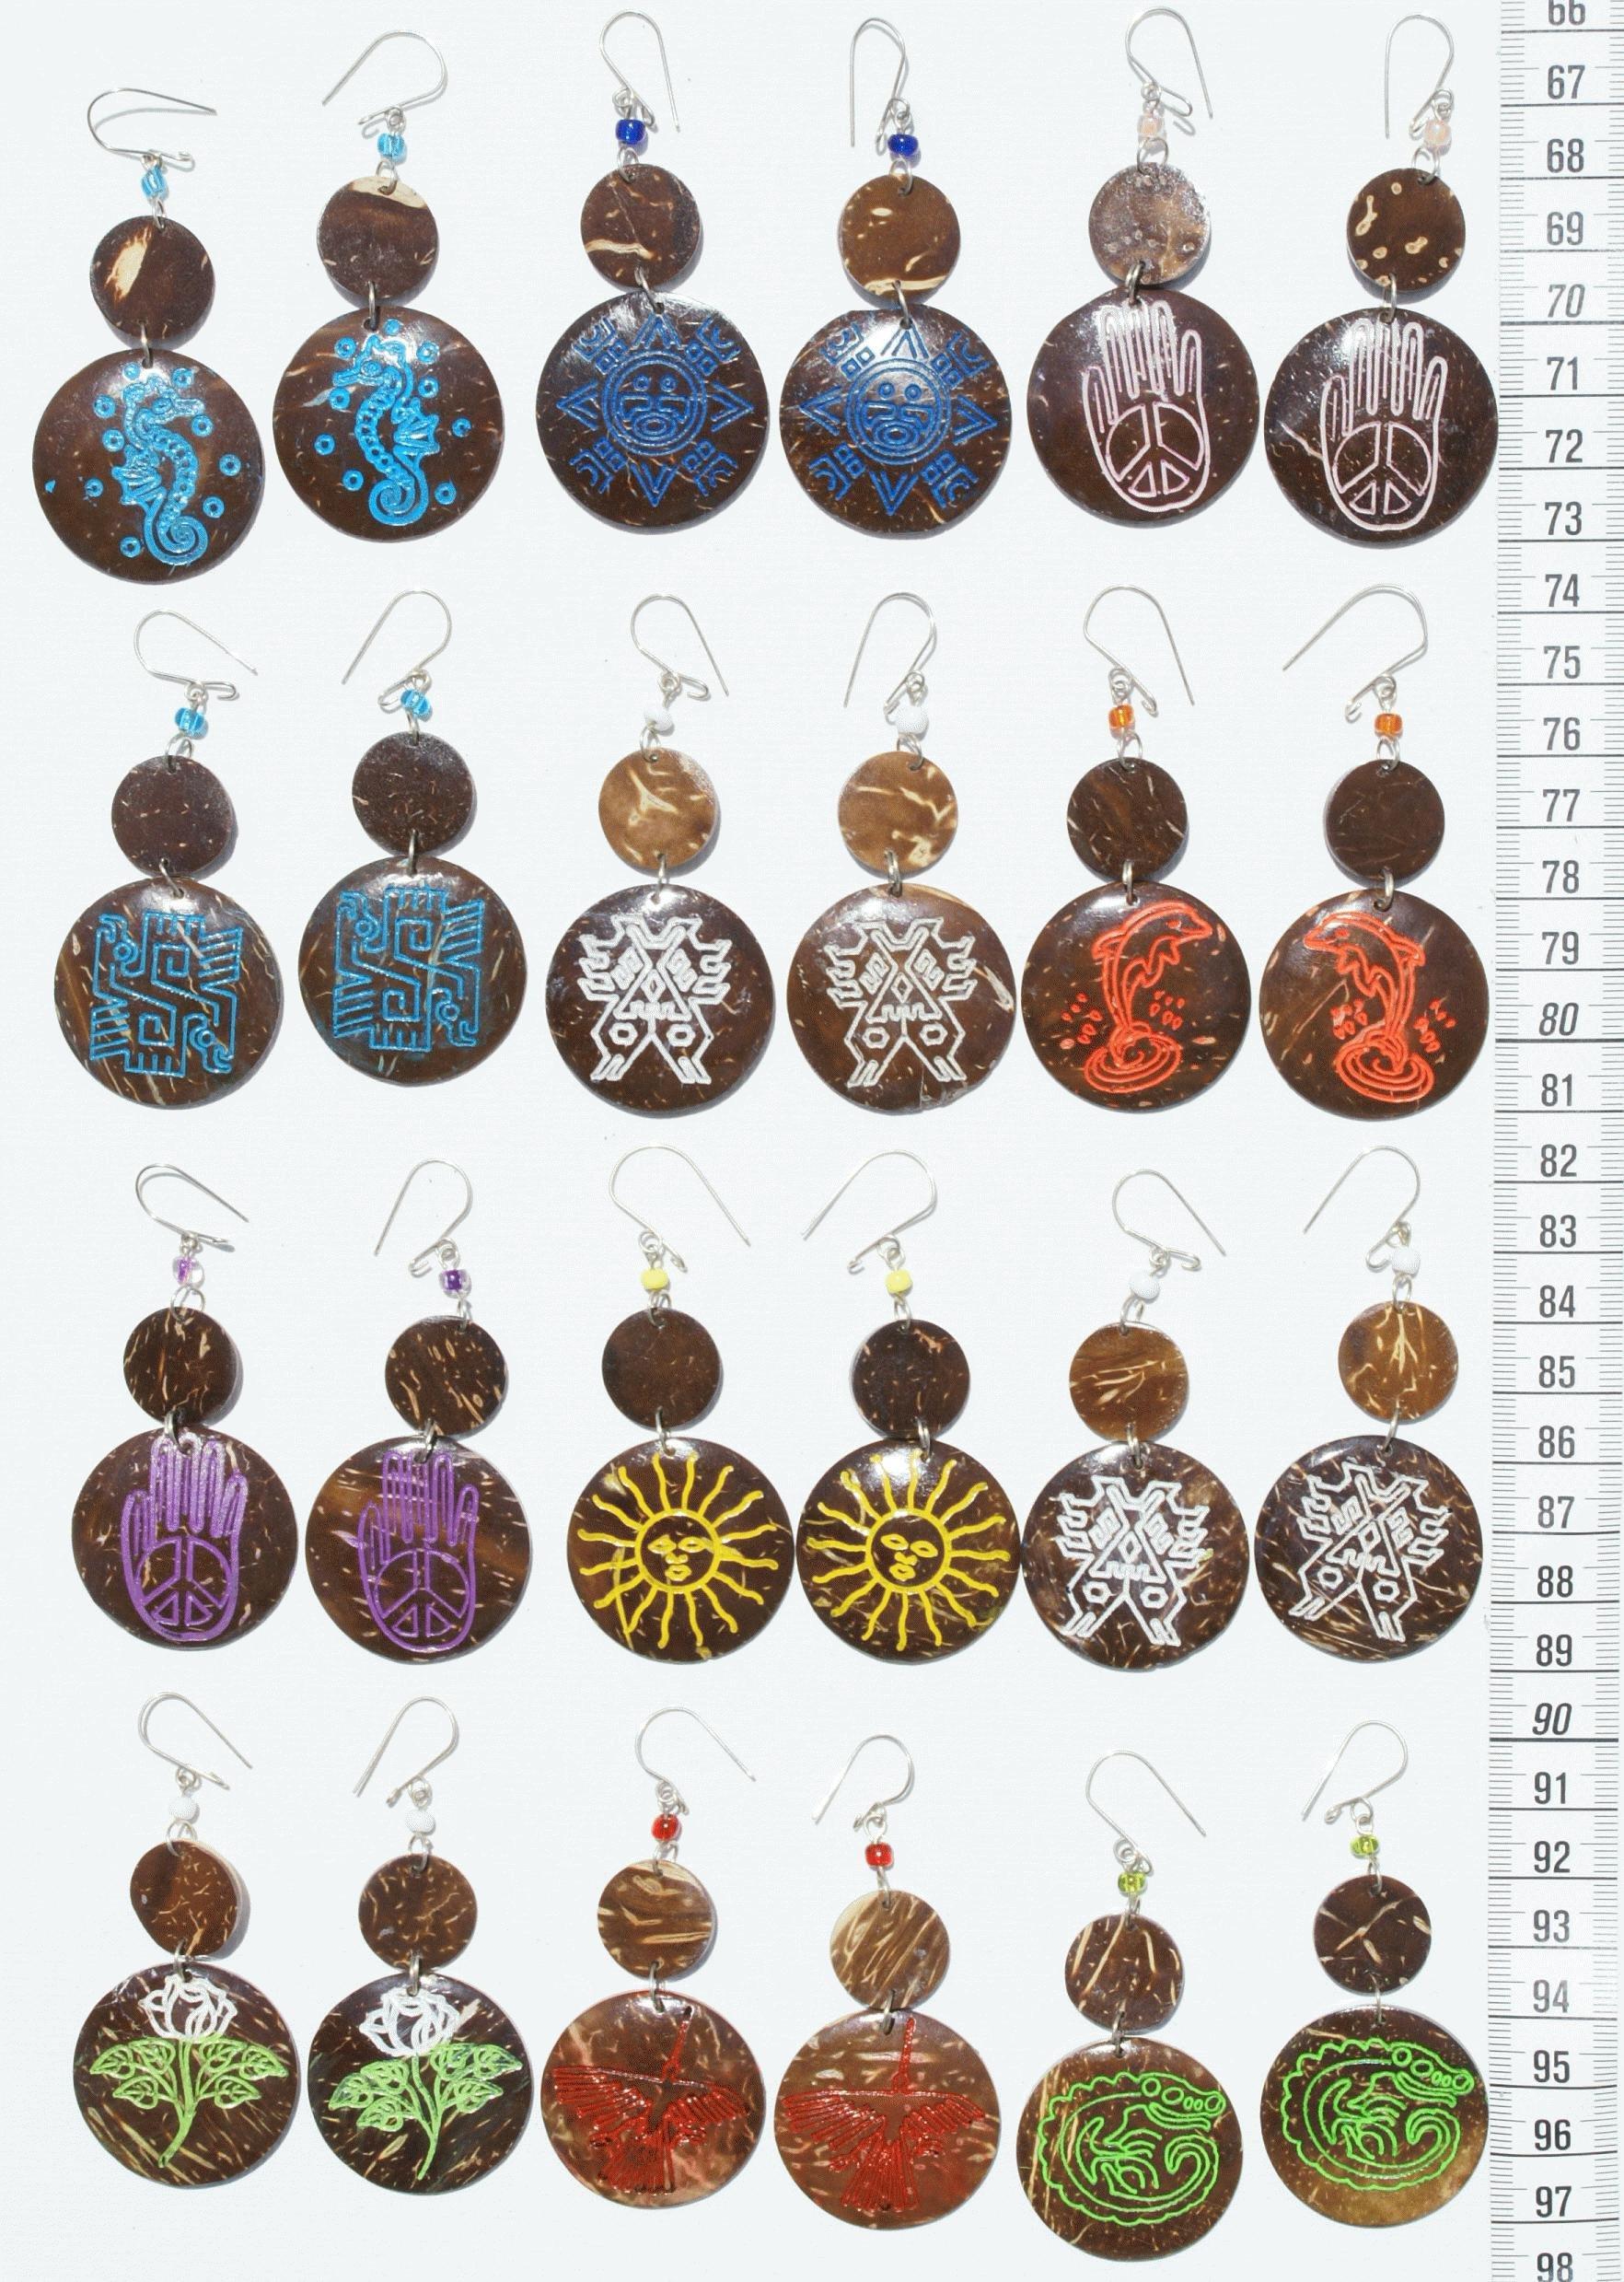 Πολλές 6 ζευγάρια γύρο καρύδας σκουλαρίκια με ethnic διακοσμητικά είδη f2dce3b566c